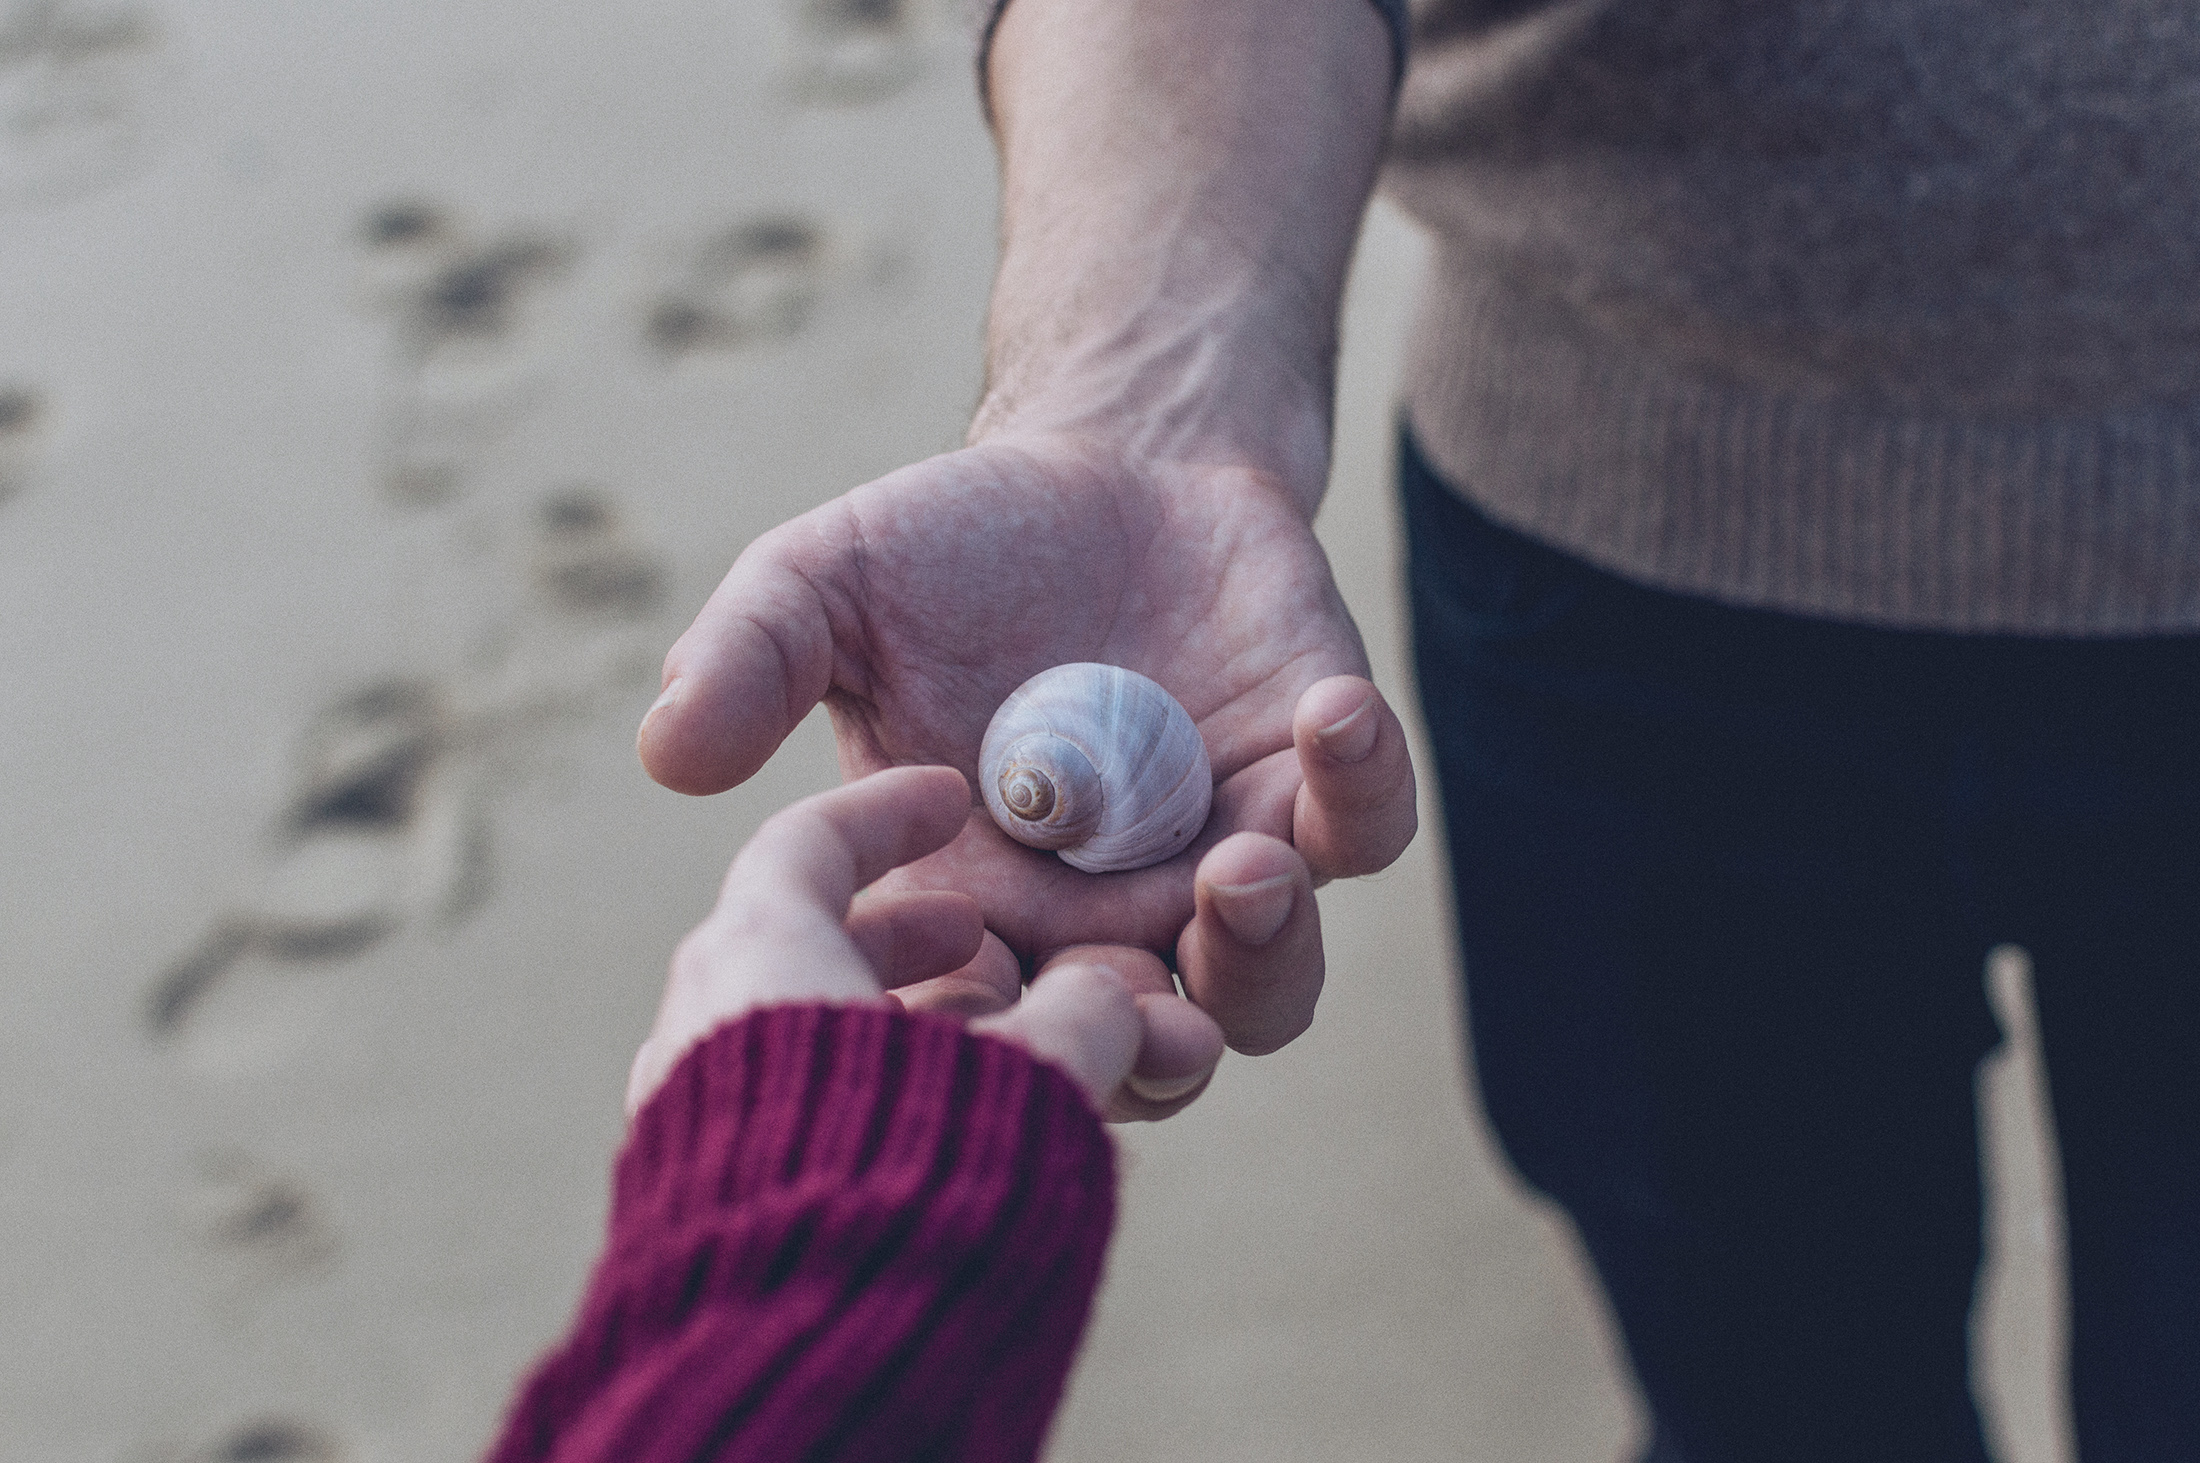 Hands shell beach